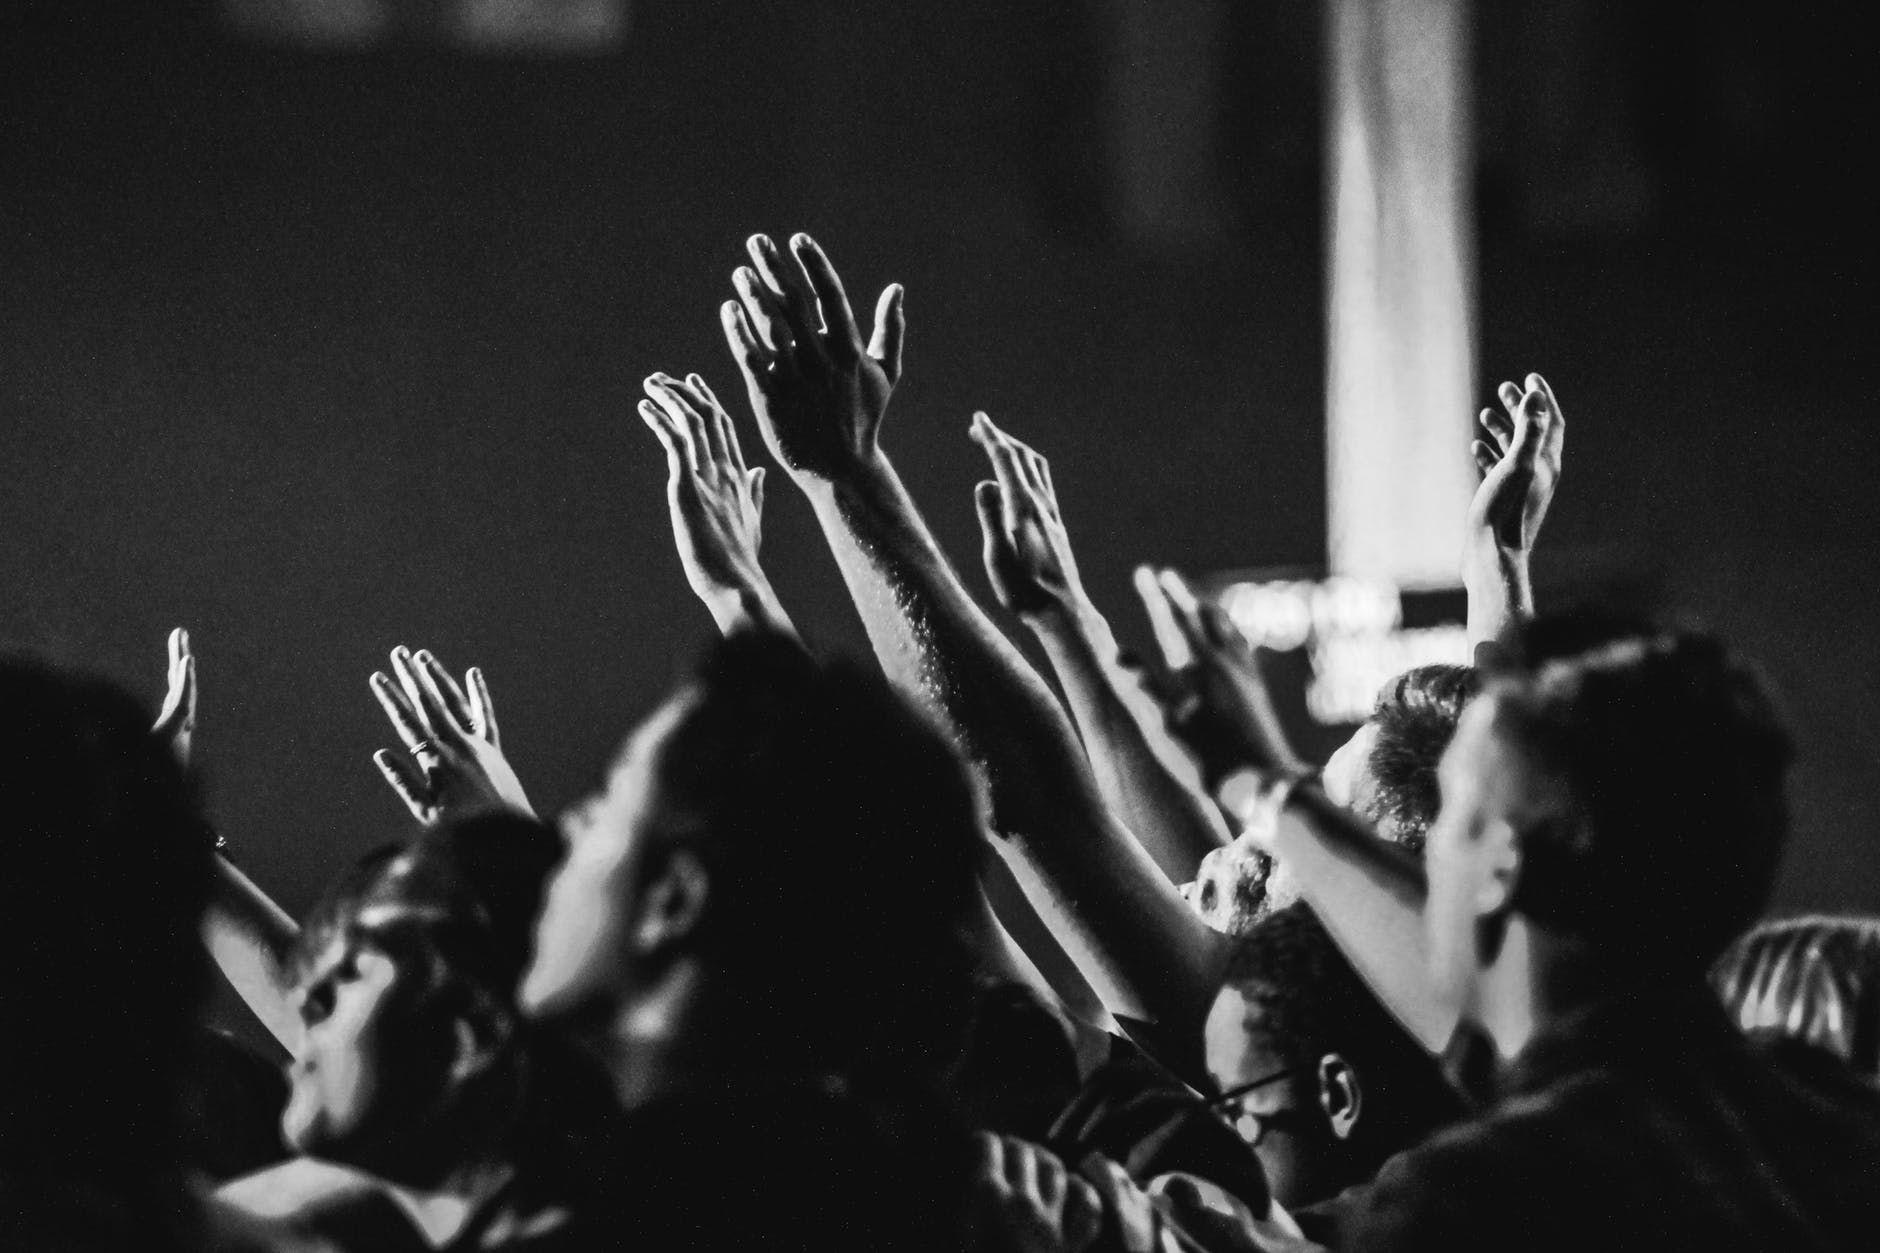 Plateia aplaude um aretista, durante um show